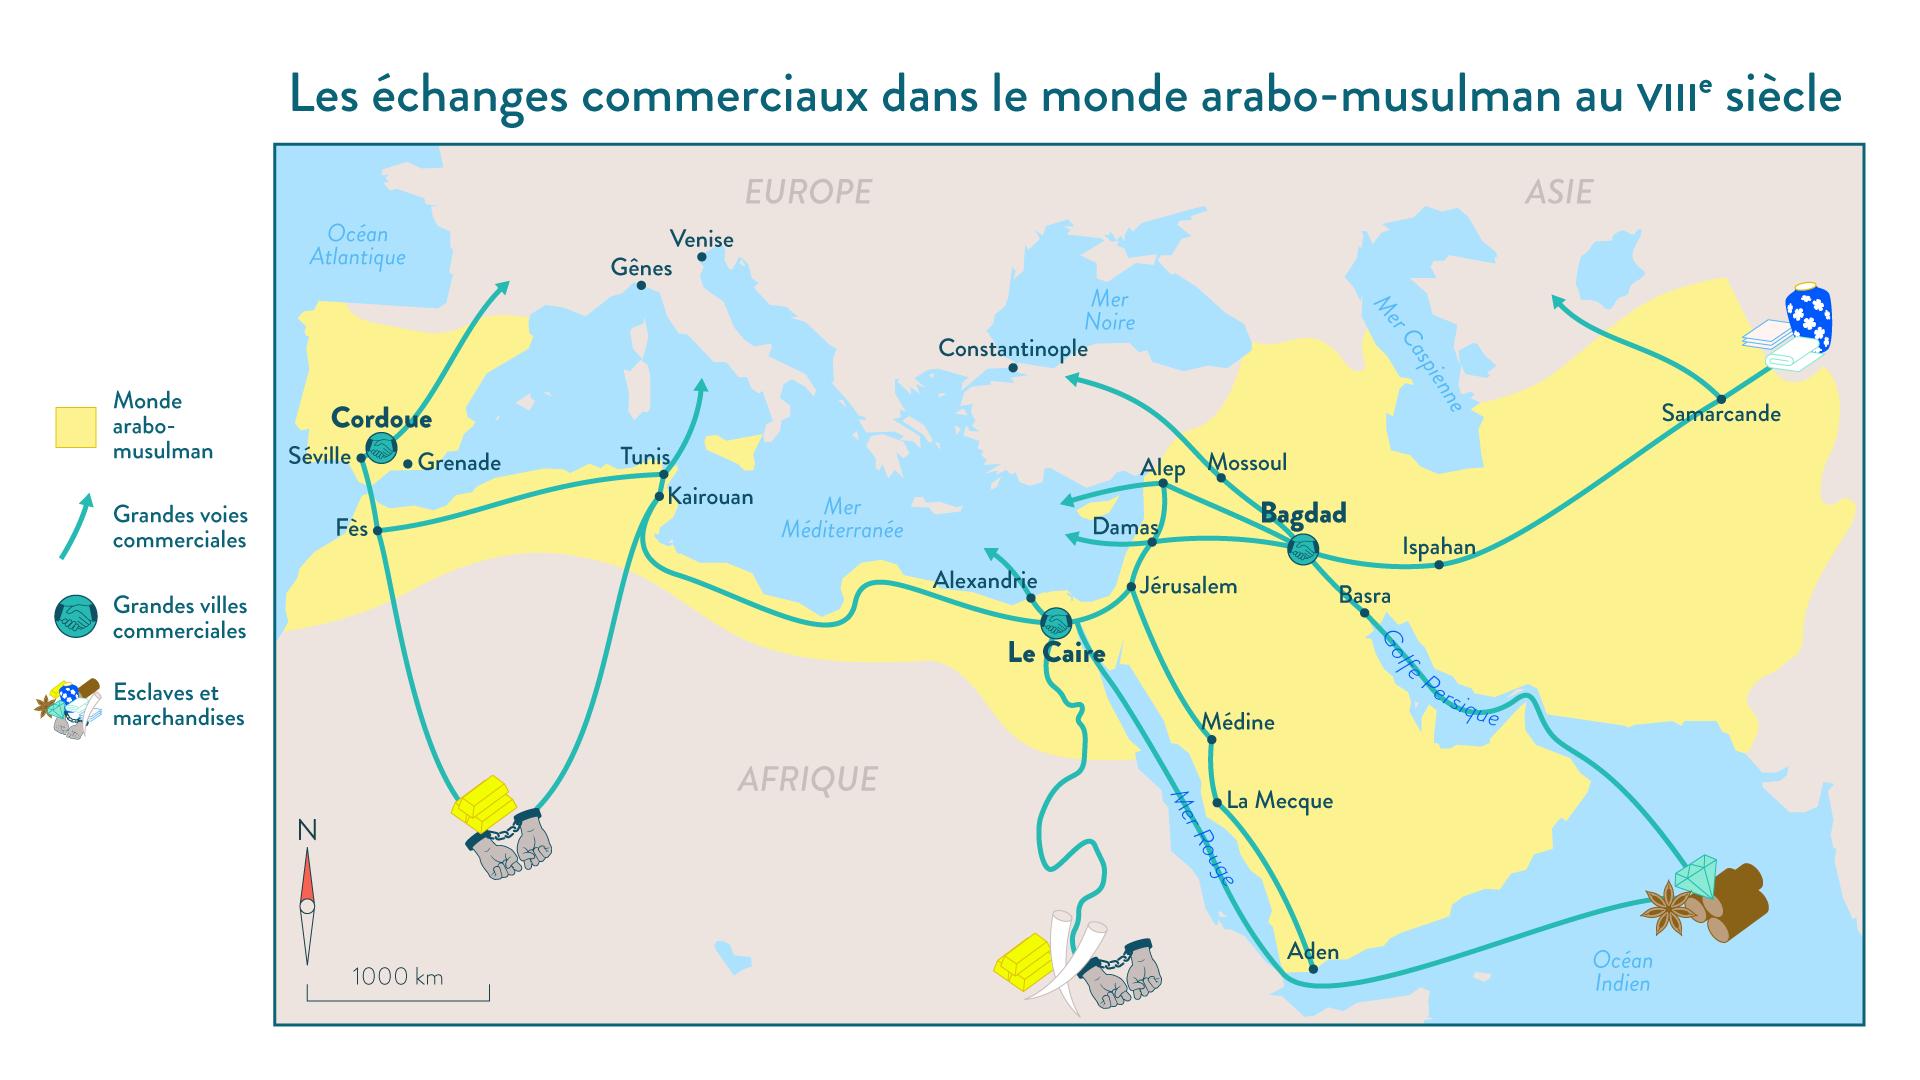 Les échanges commerciaux dans le monde arabo-musulman au VIII<sup>e</sup>&nbsp;siècle - 5e - Histoire